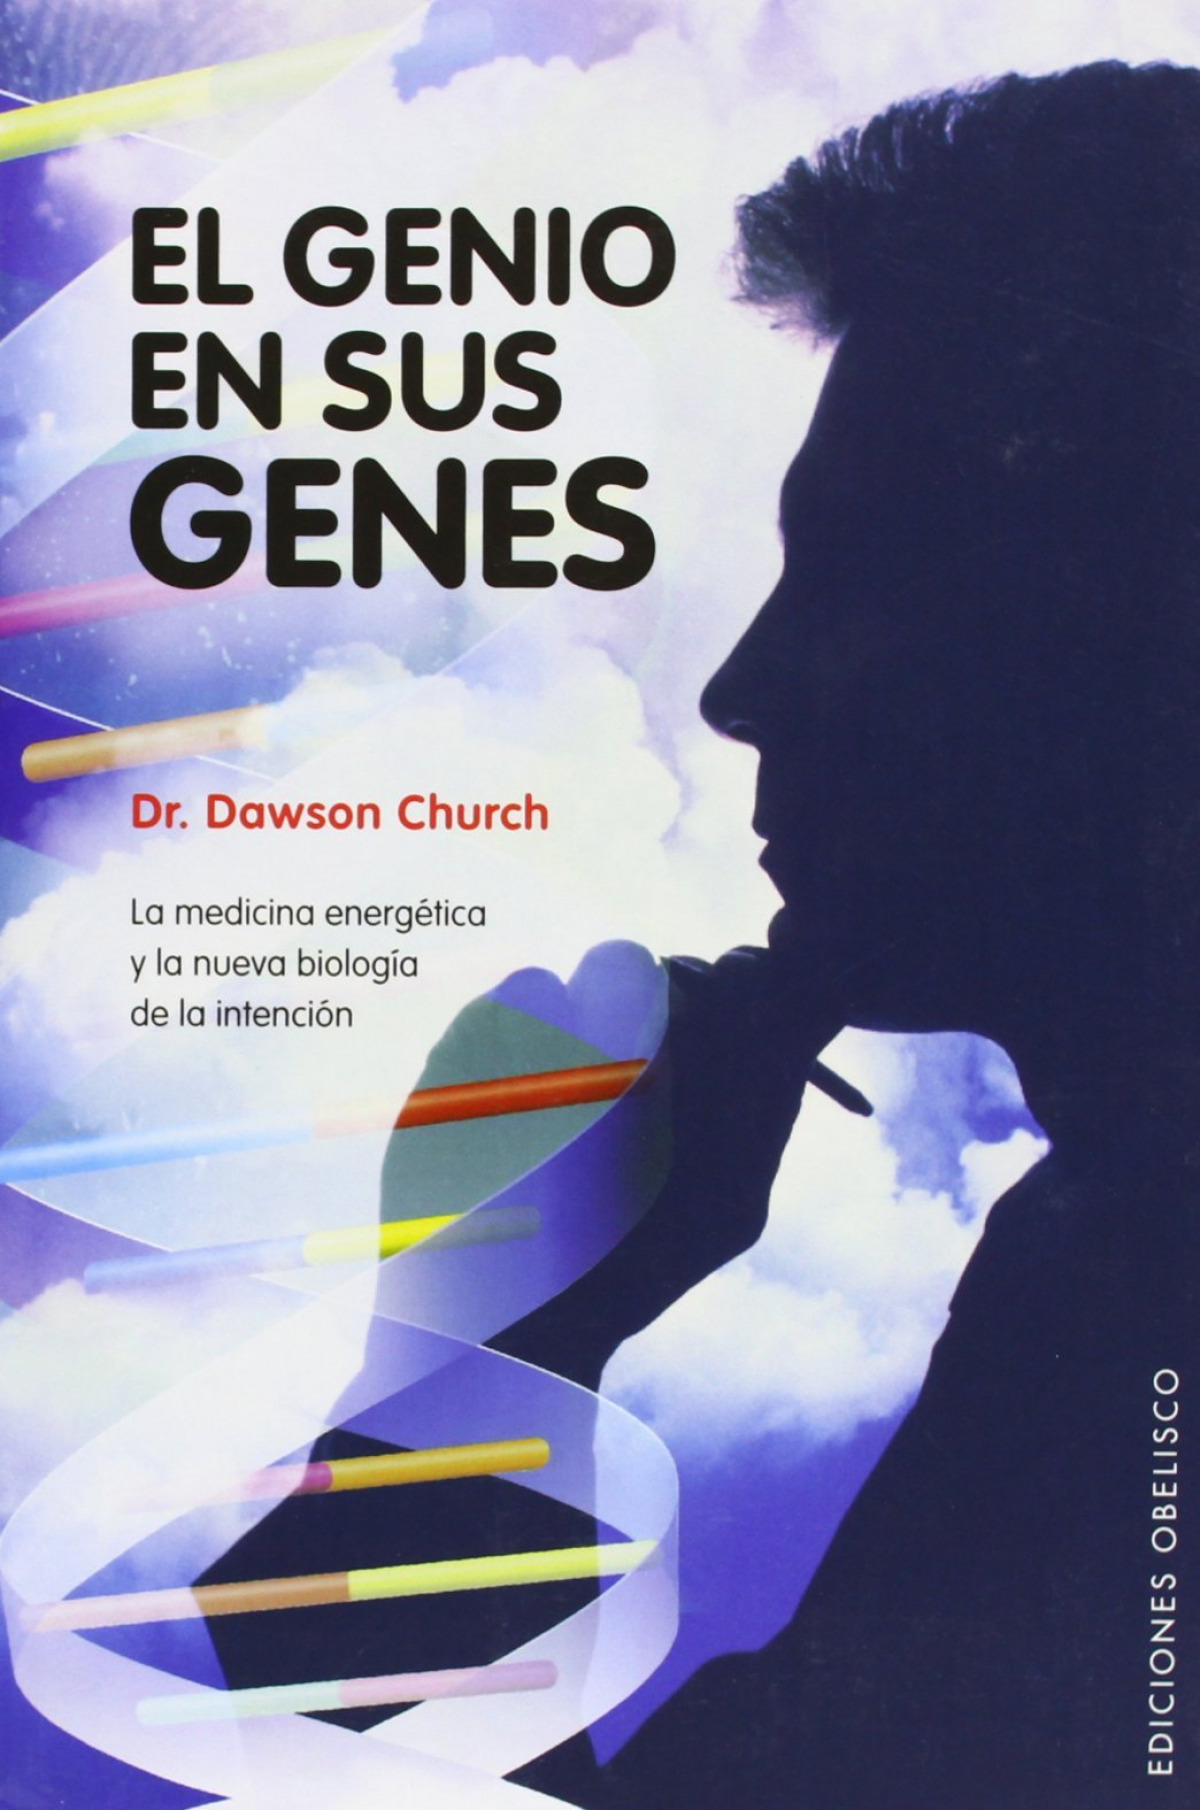 El genio en sus genes